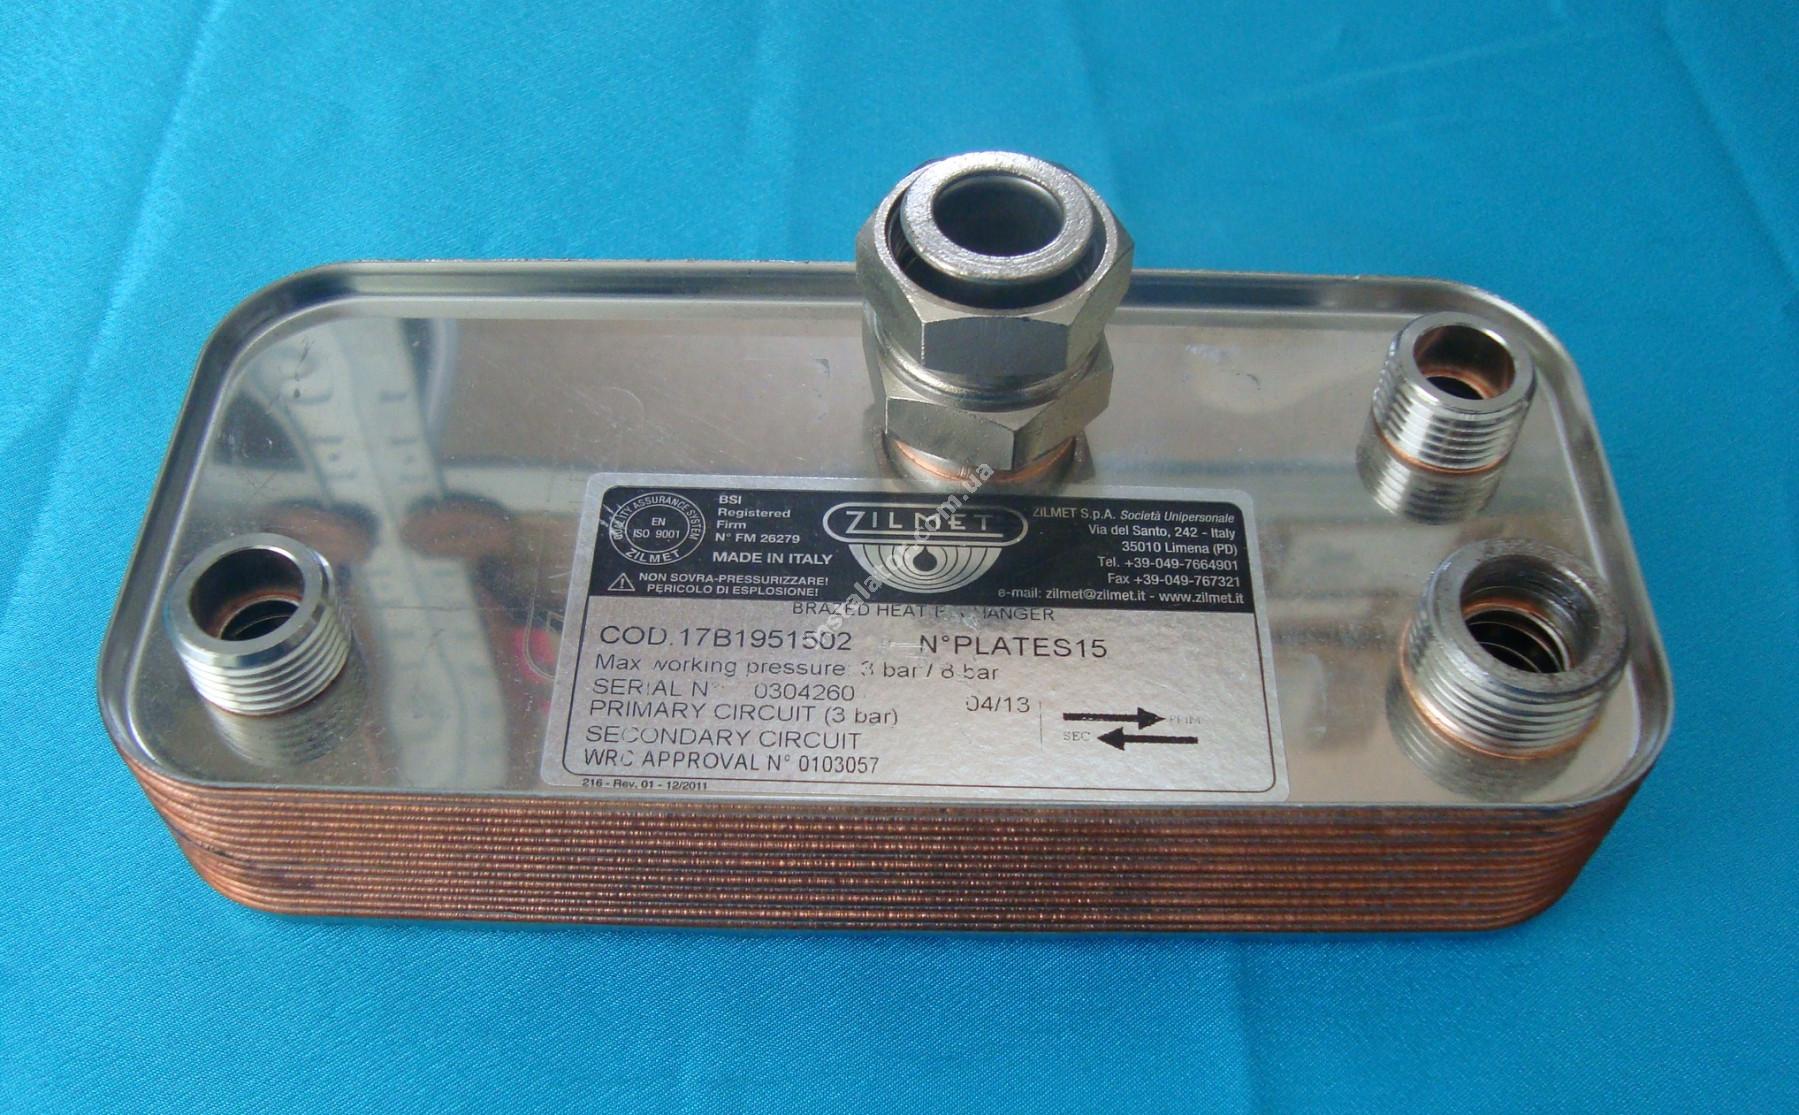 17B1951502 Теплообмінник вторинний ГВП 15 пластин  ZILMET full-image-2